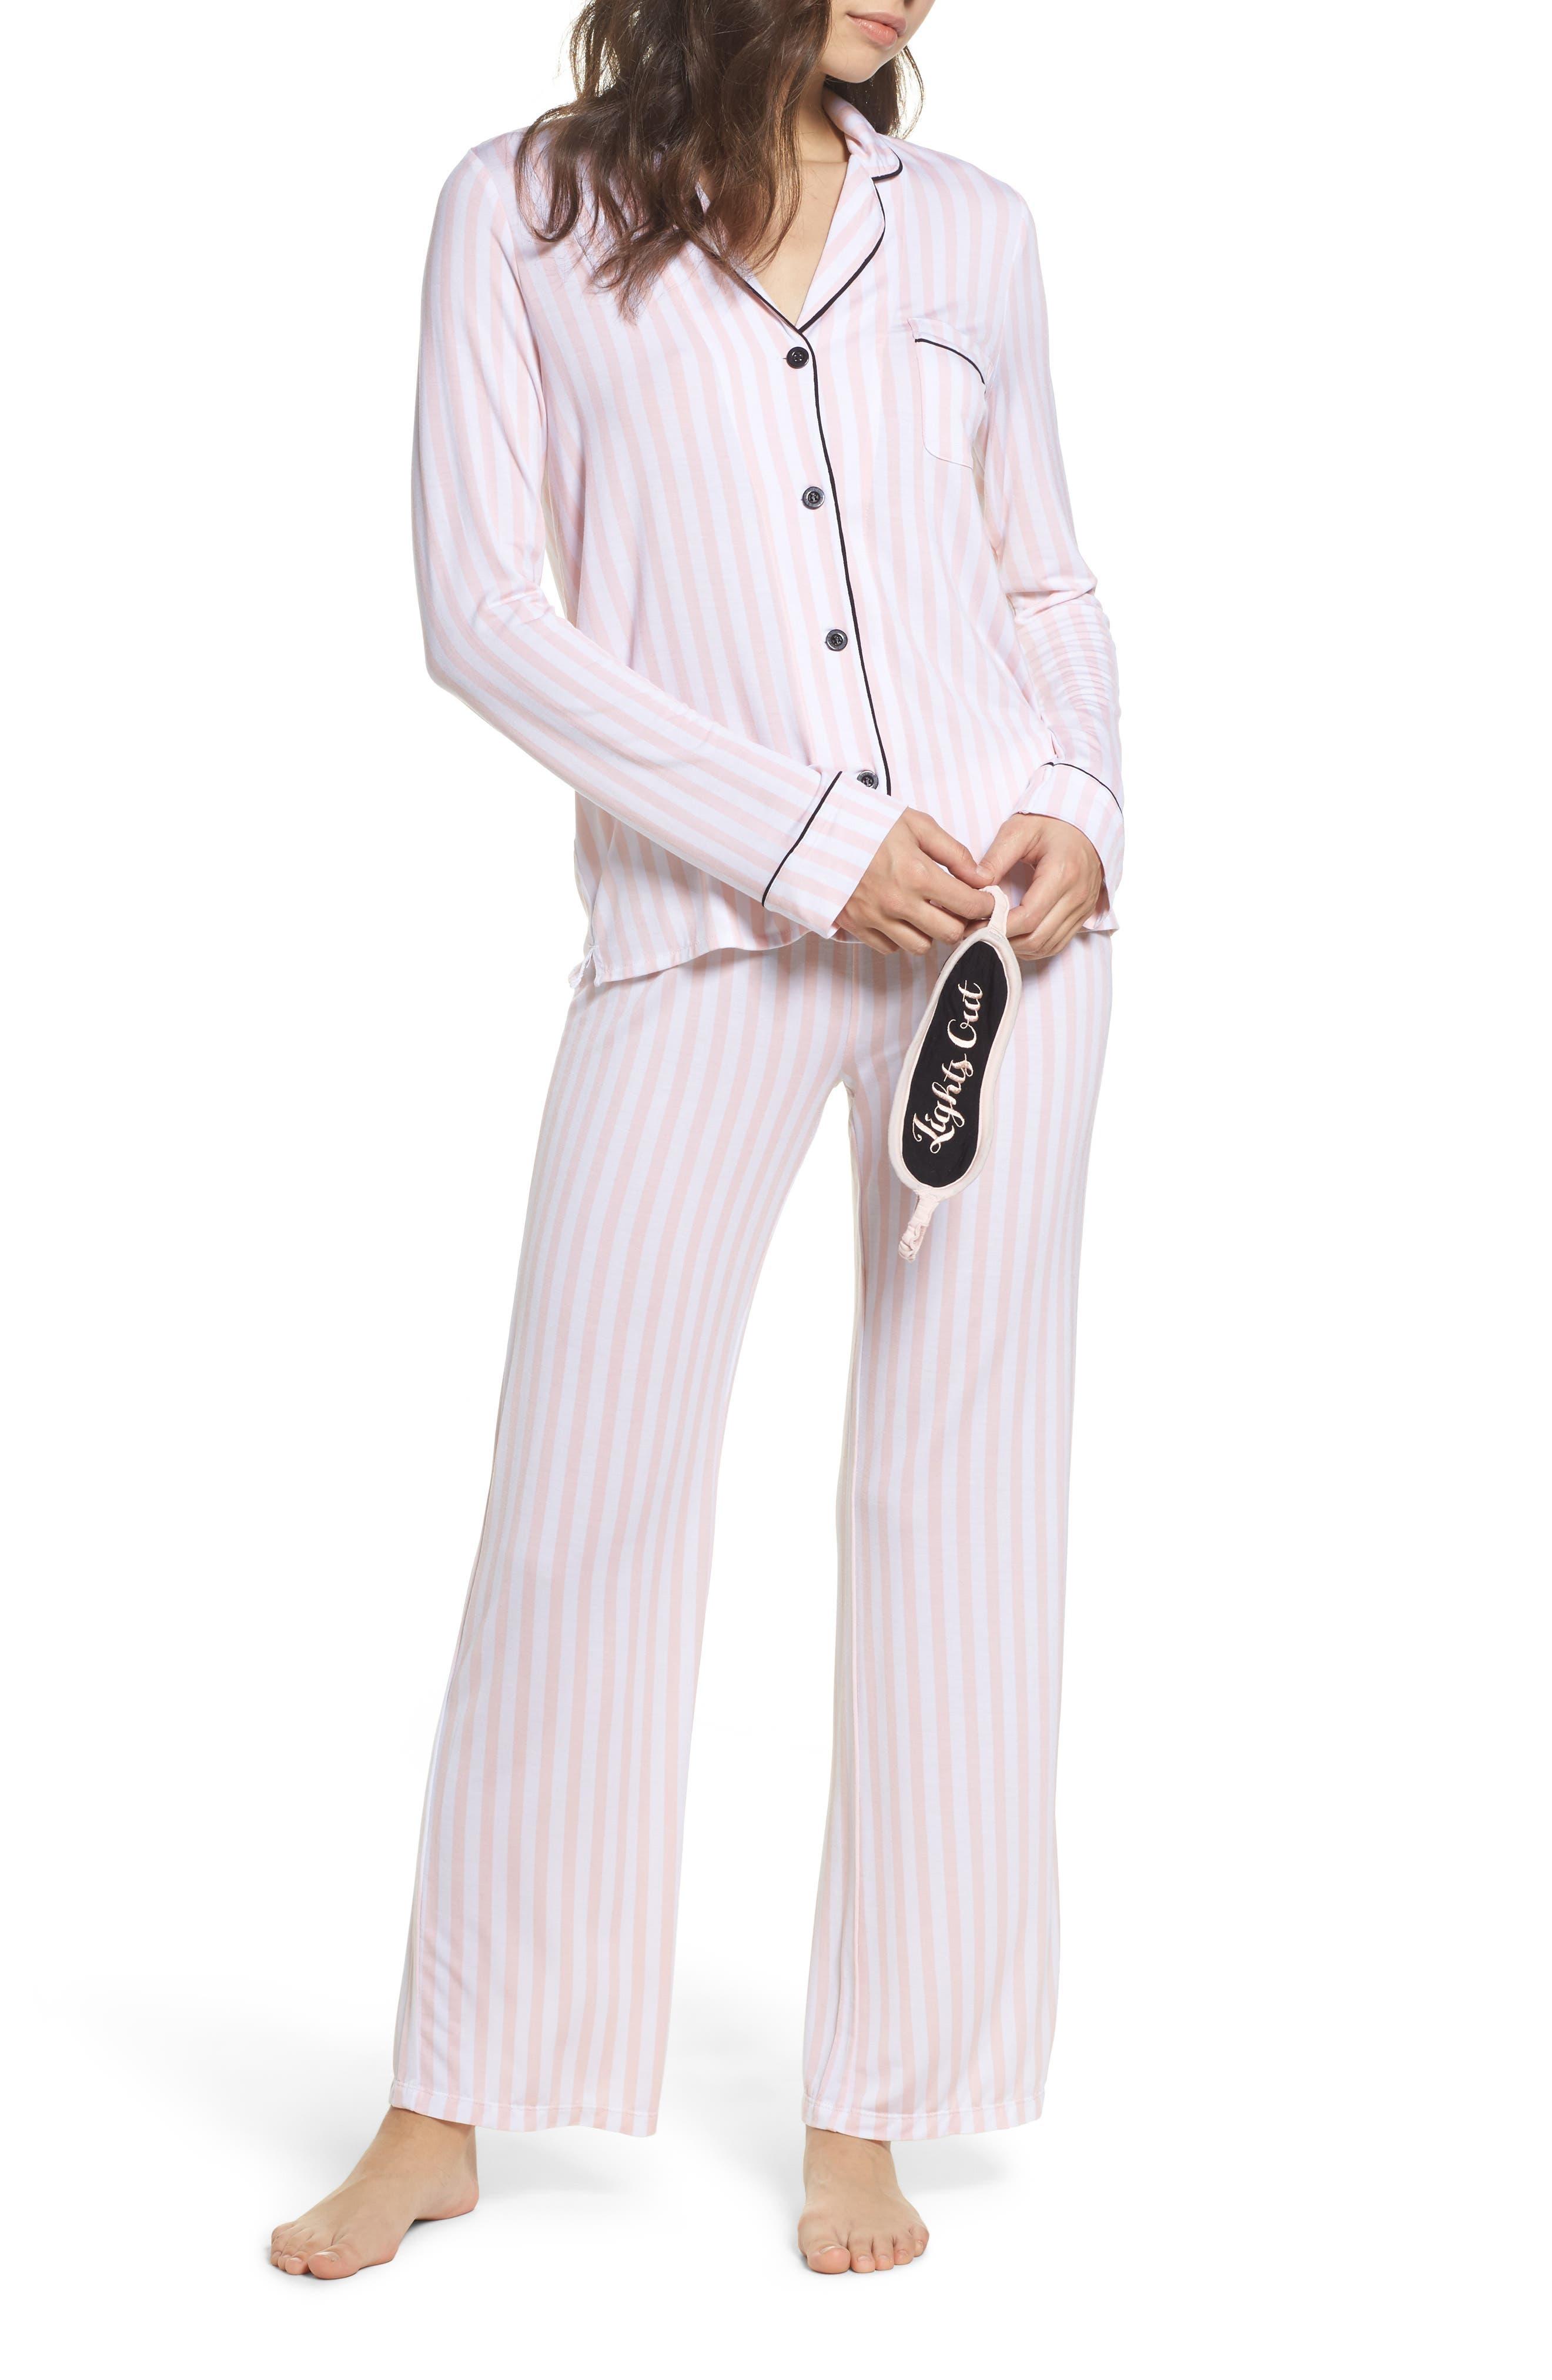 Main Image - PJ Salvage Stretch Modal Pajamas & Eye Mask